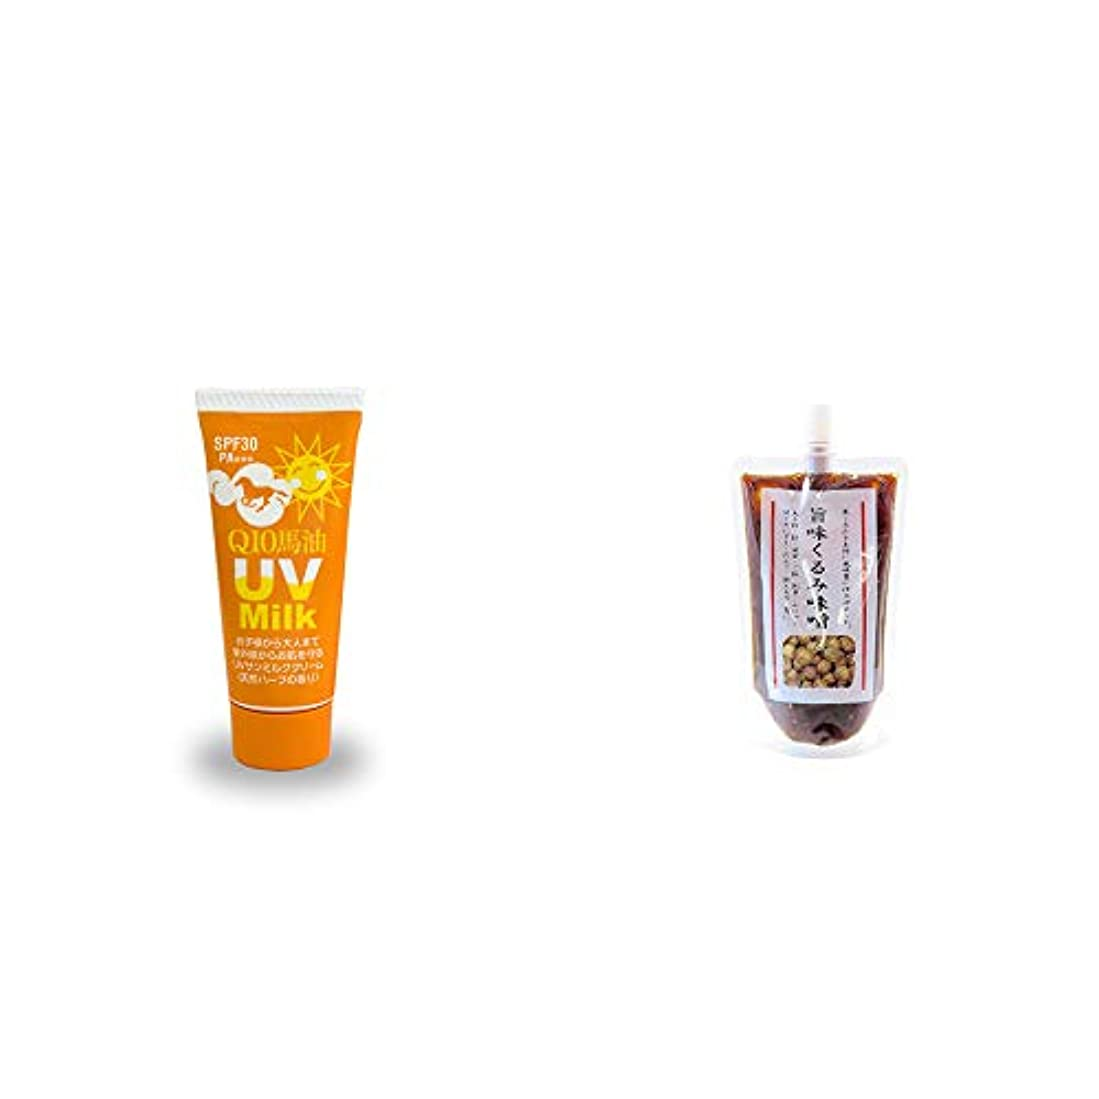 雄弁欠席聖歌[2点セット] 炭黒泉 Q10馬油 UVサンミルク[天然ハーブ](40g)?旨味くるみ味噌(260g)